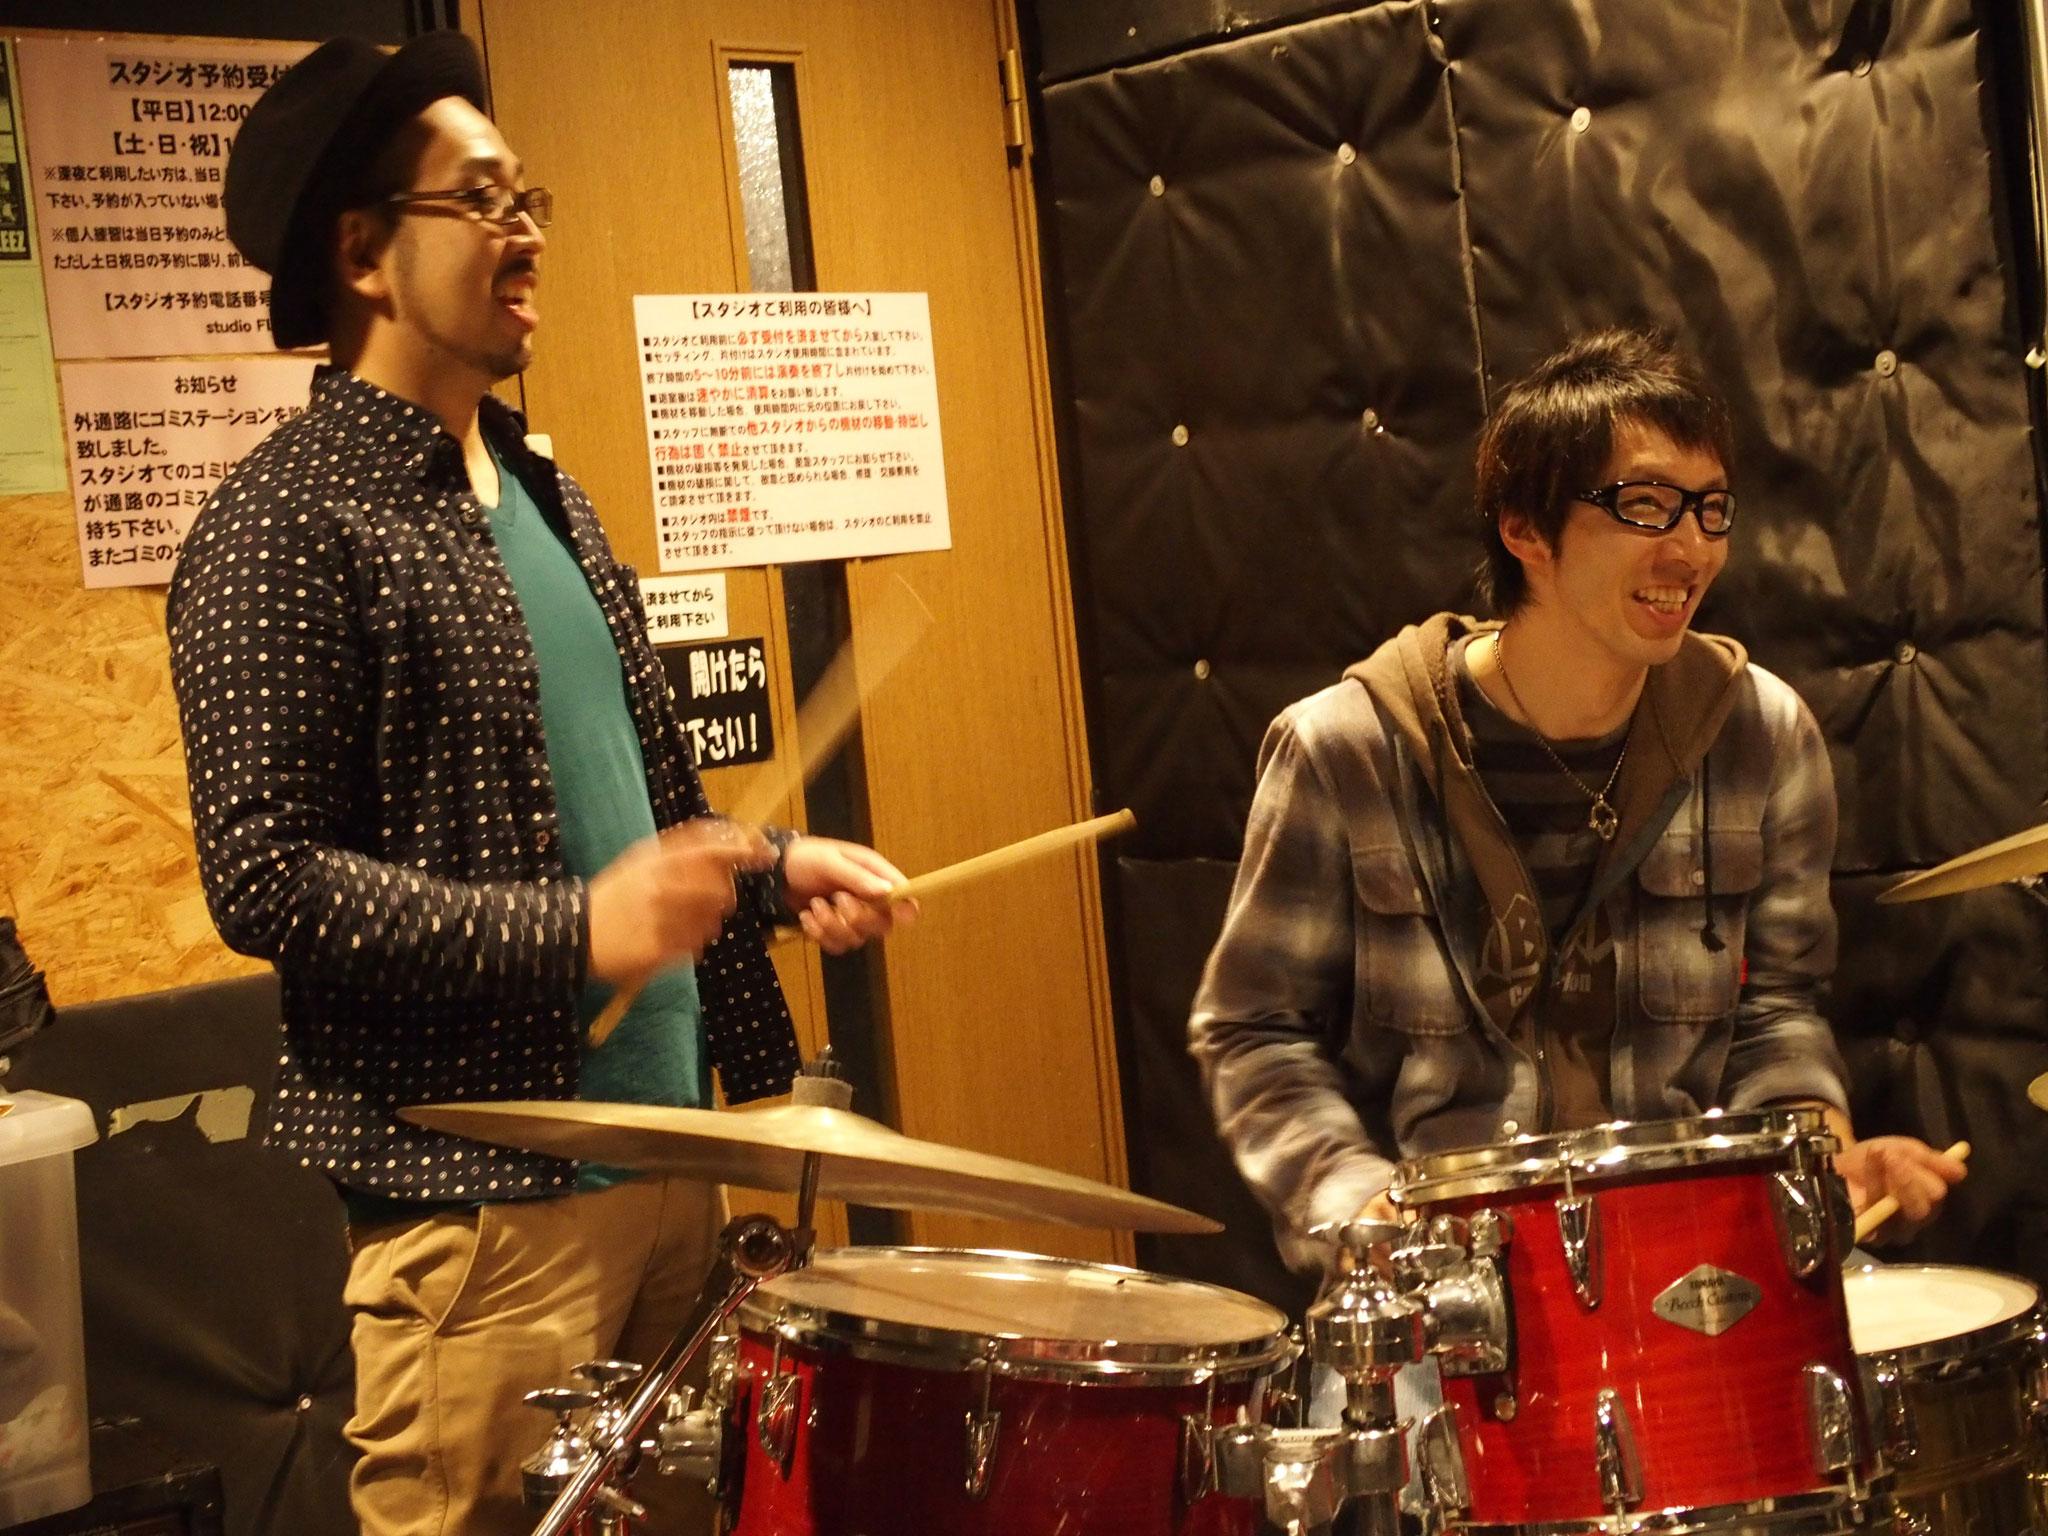 高崎にあるライドオンドラムスクール。ドラム教室でのレッスン風景